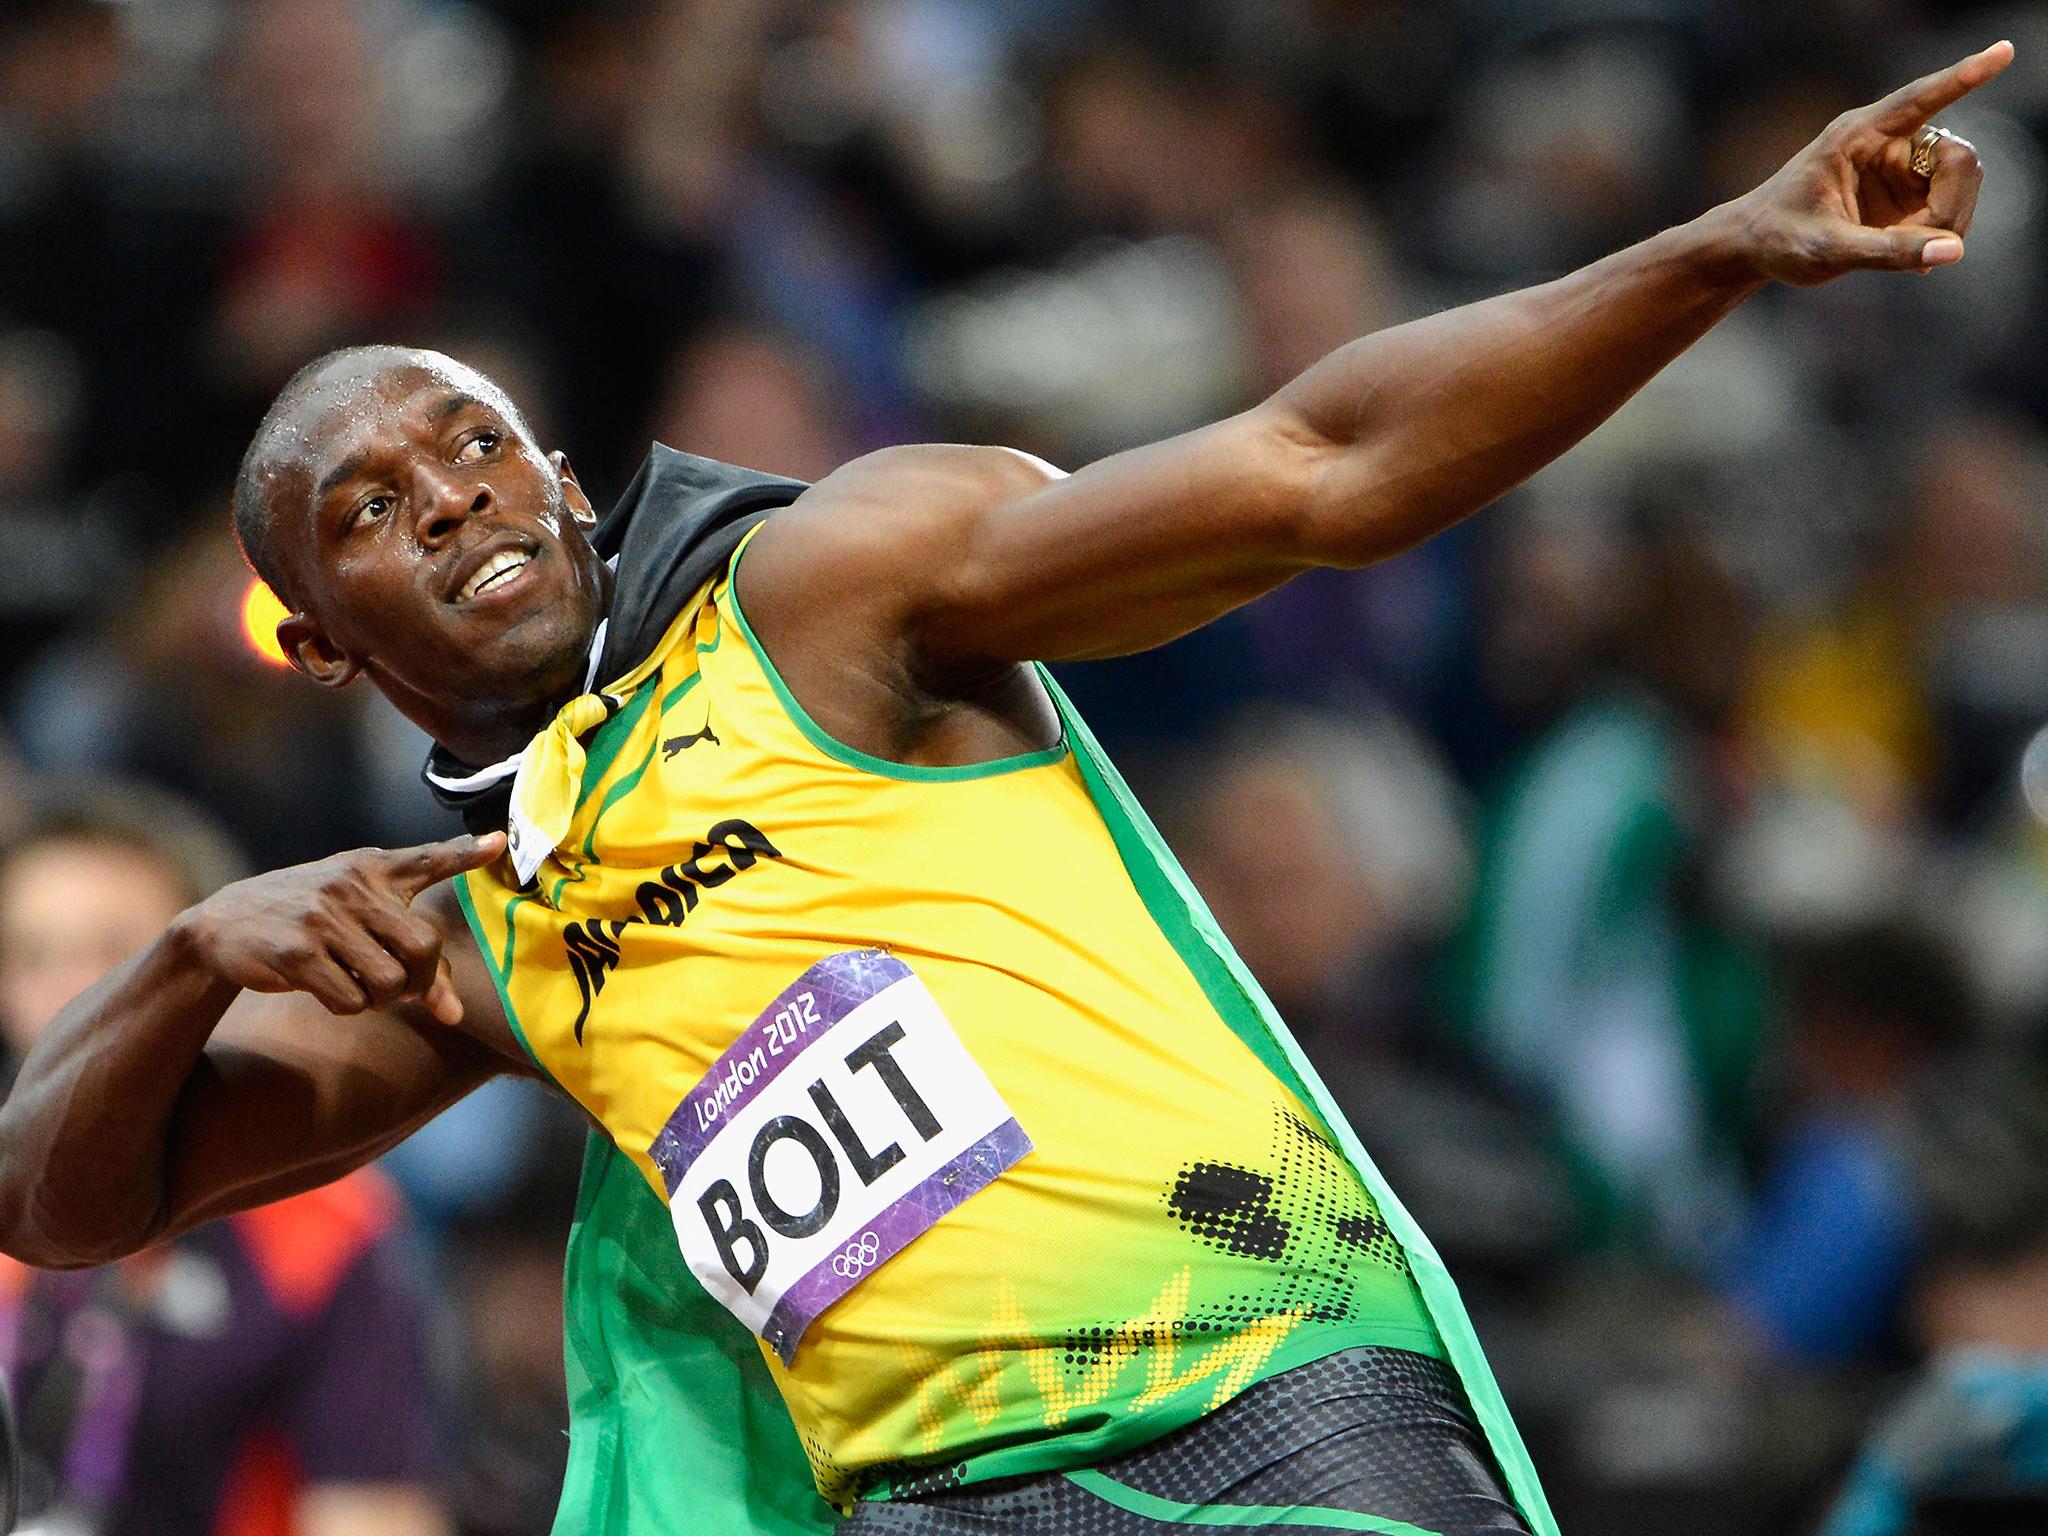 Usain Bolt, corredor de velocidad.